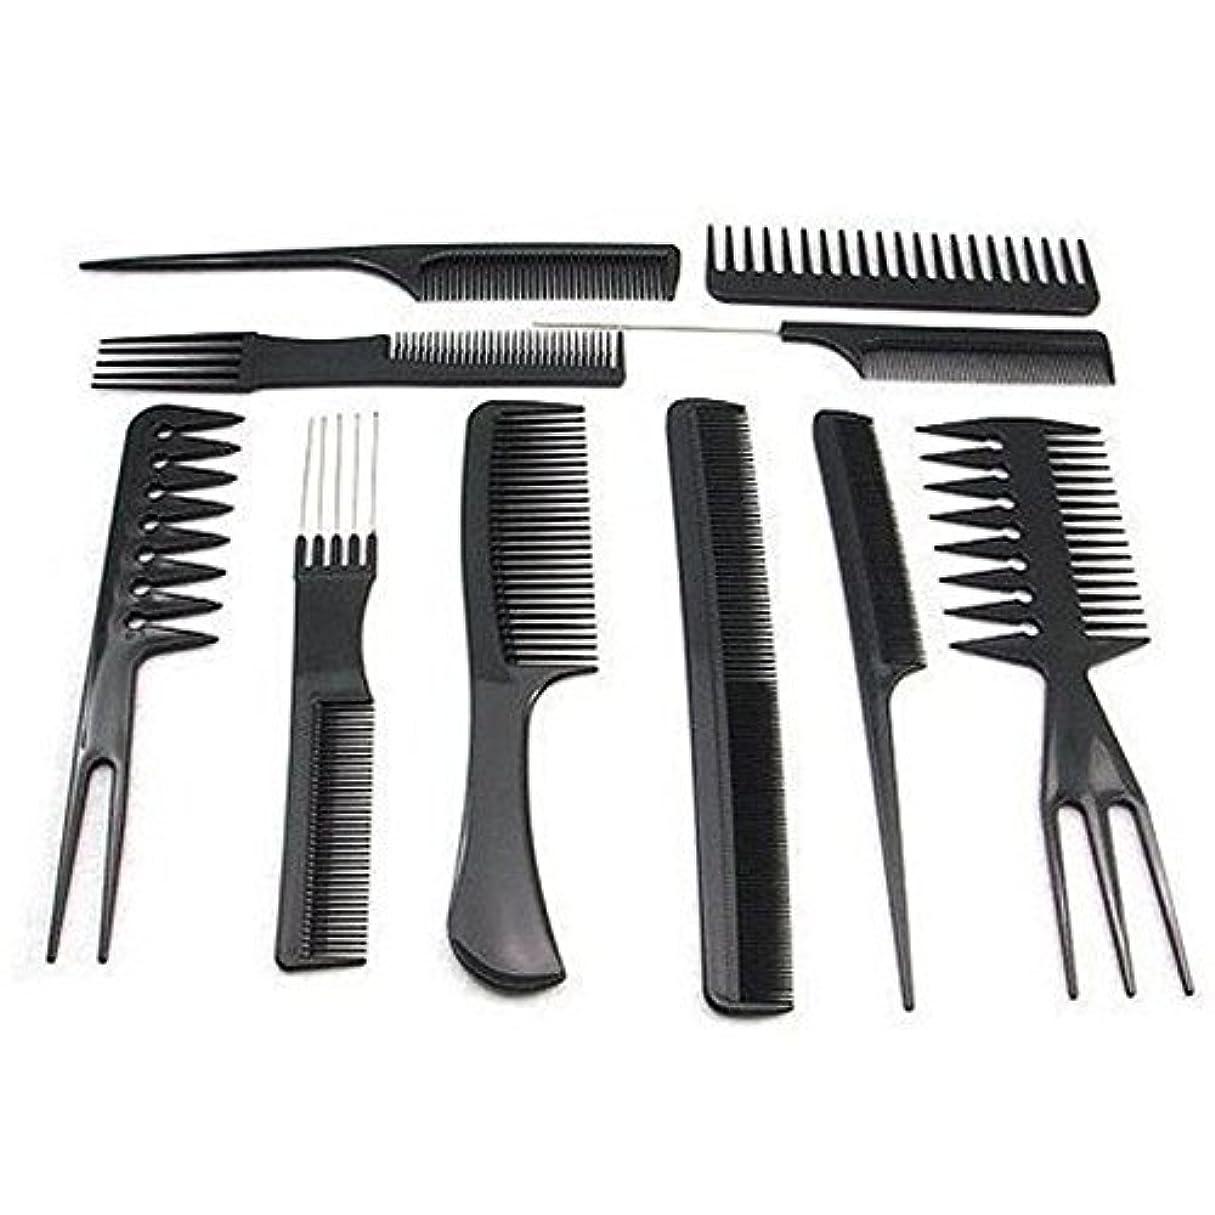 工夫するヒューム抜け目がないVi.yo ヘアブラシ ヘアコーム 髪櫛 プラスチック 理髪道具 美髪セット 10本セット ブラック